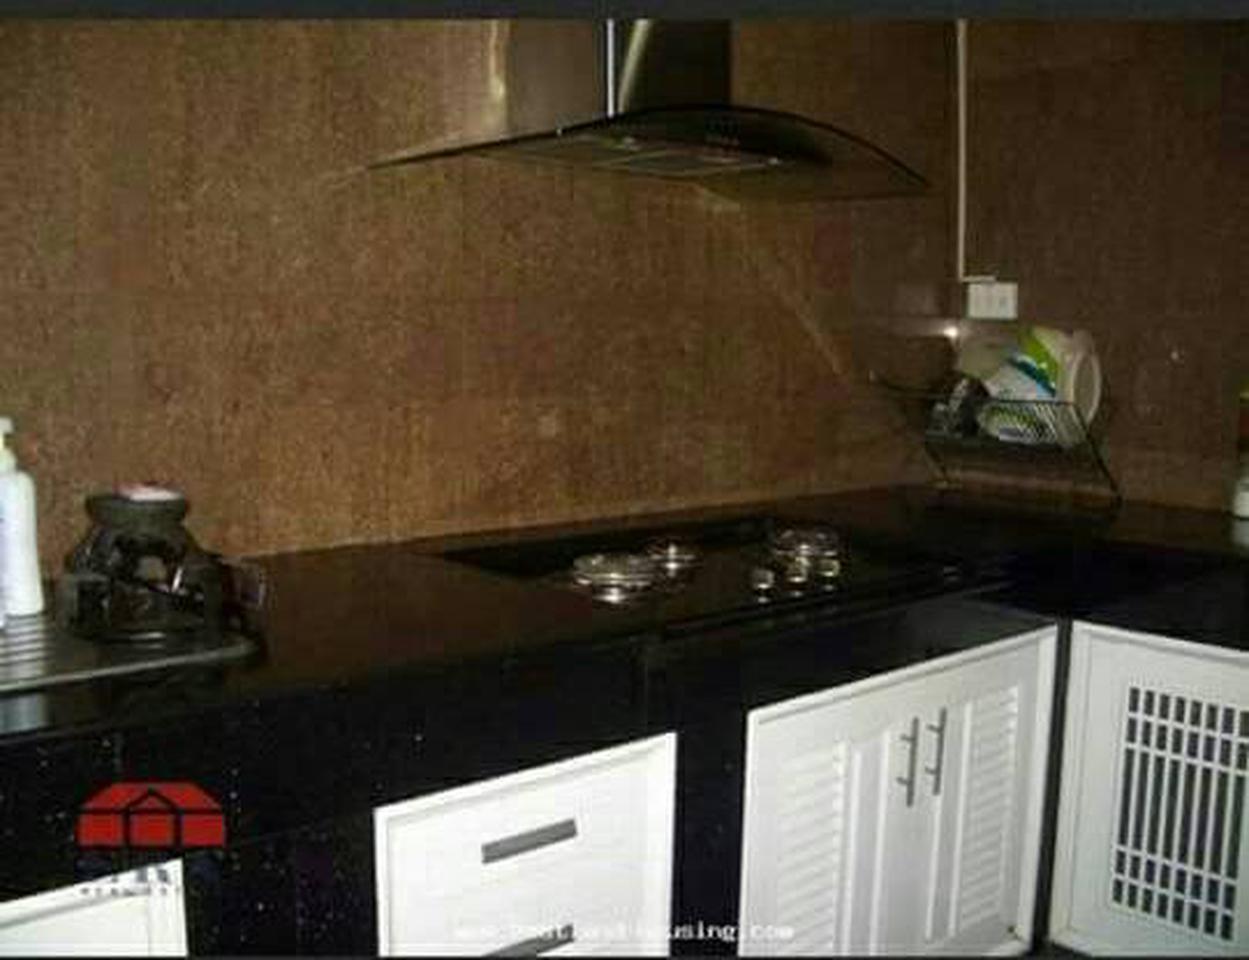 ขายเช่า บ้านเดี่ยวราคาถูก รูปที่ 3